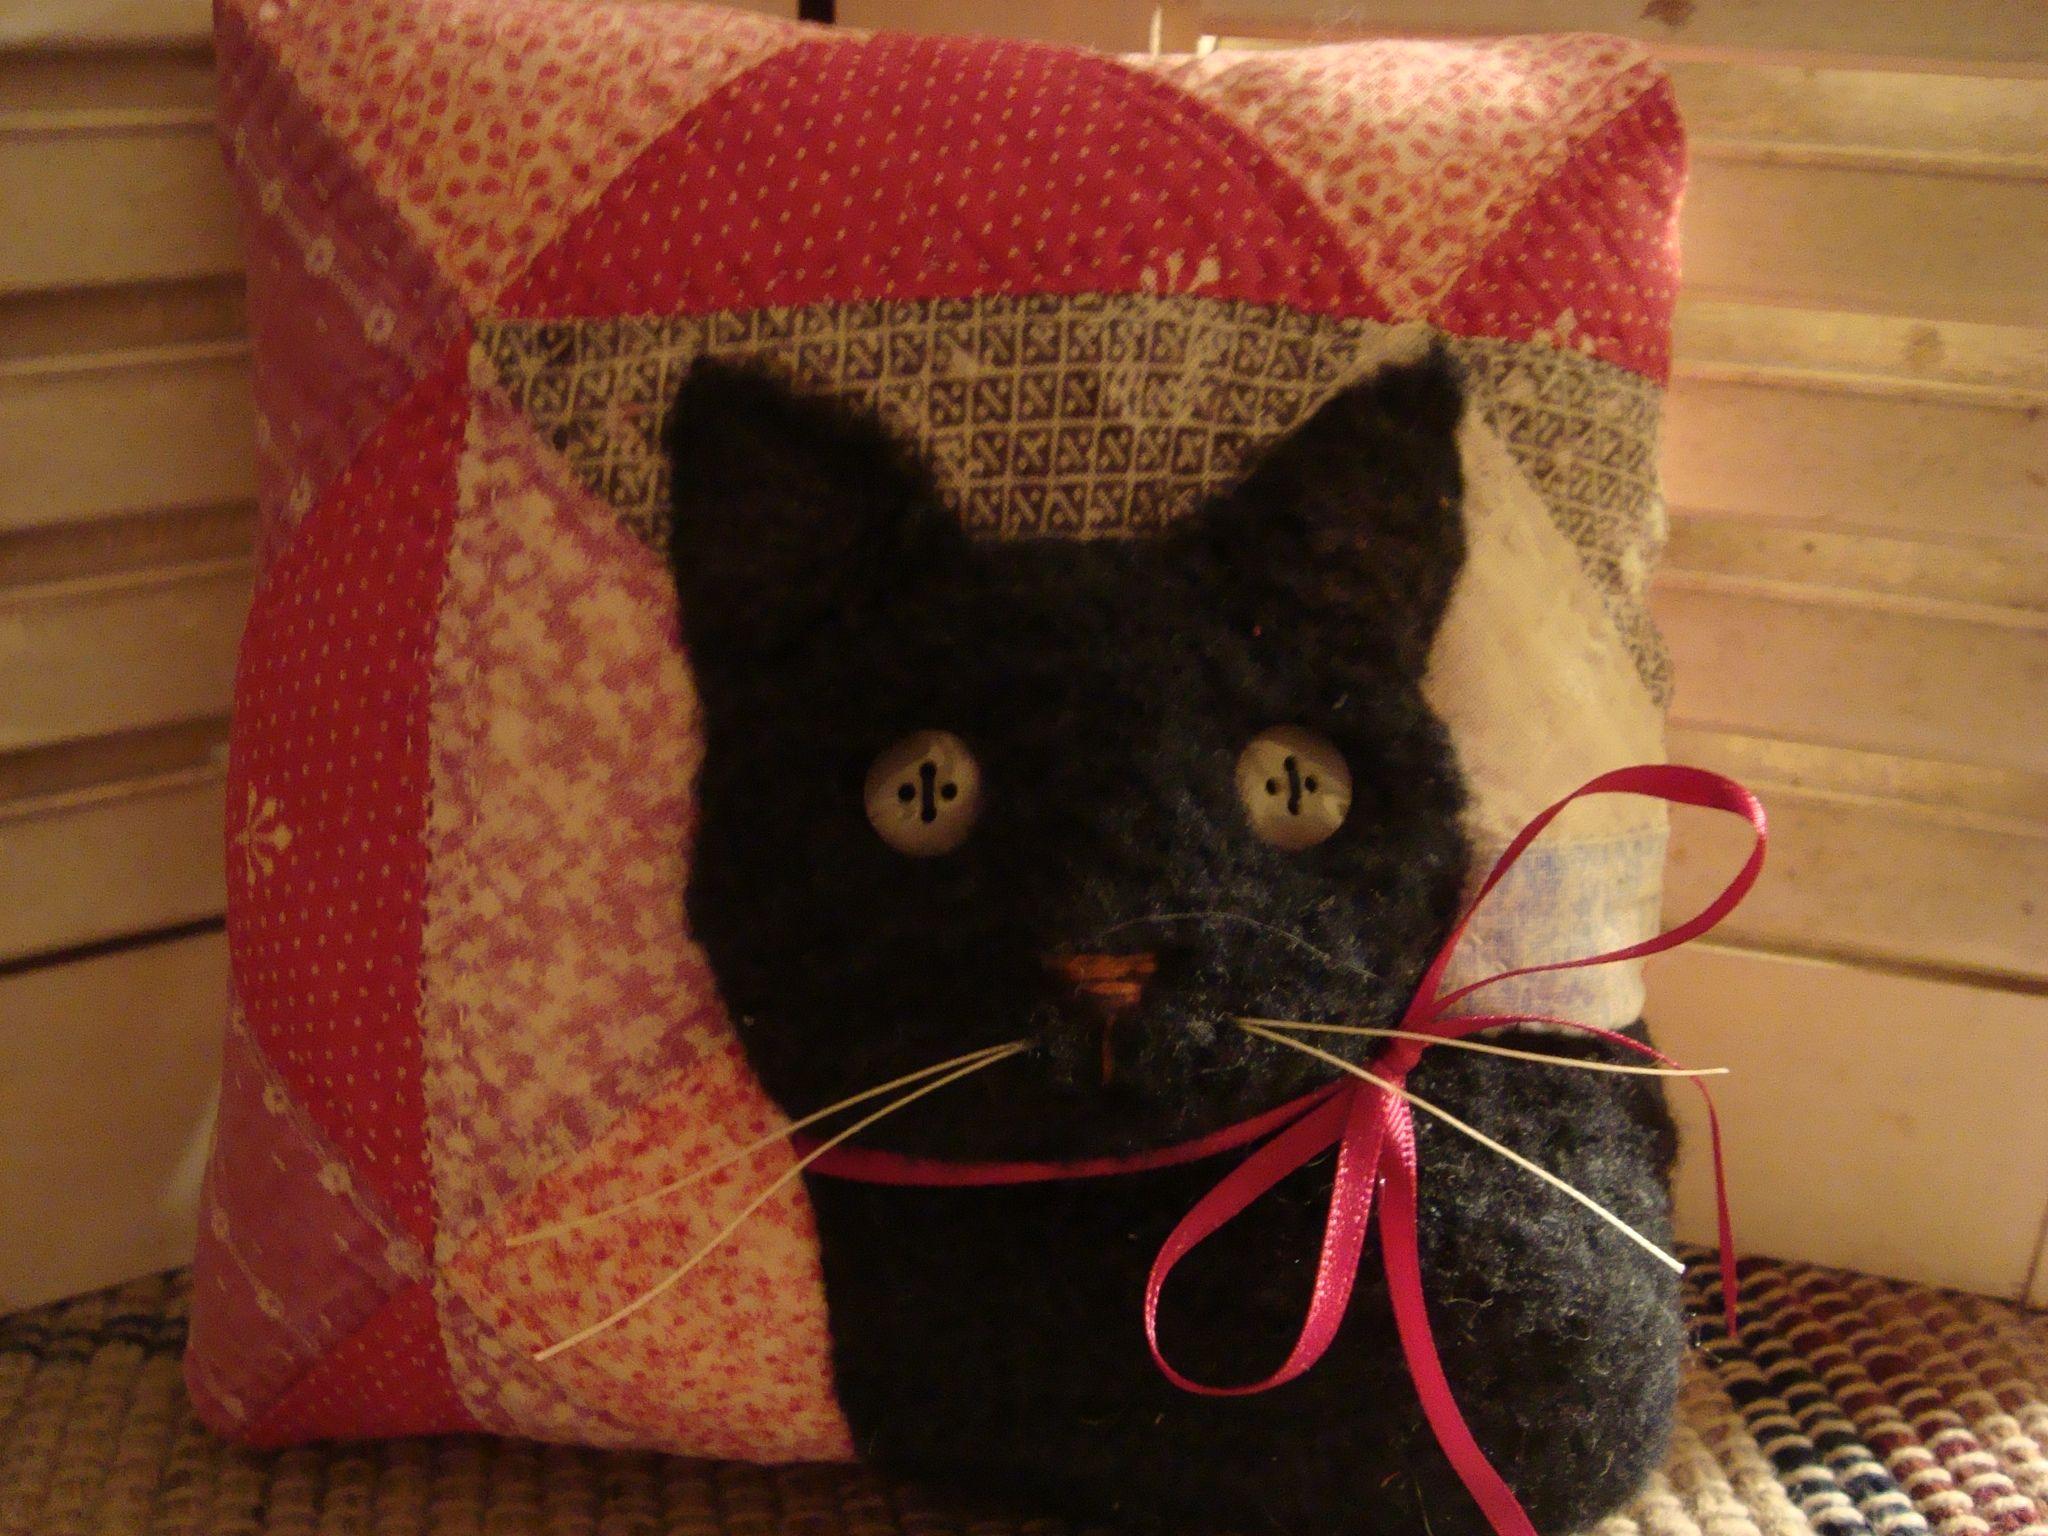 Old Quilt Black Cat Pillow Antique Quilt Animal Pillows Pinterest Black cats, Pillows and Cat